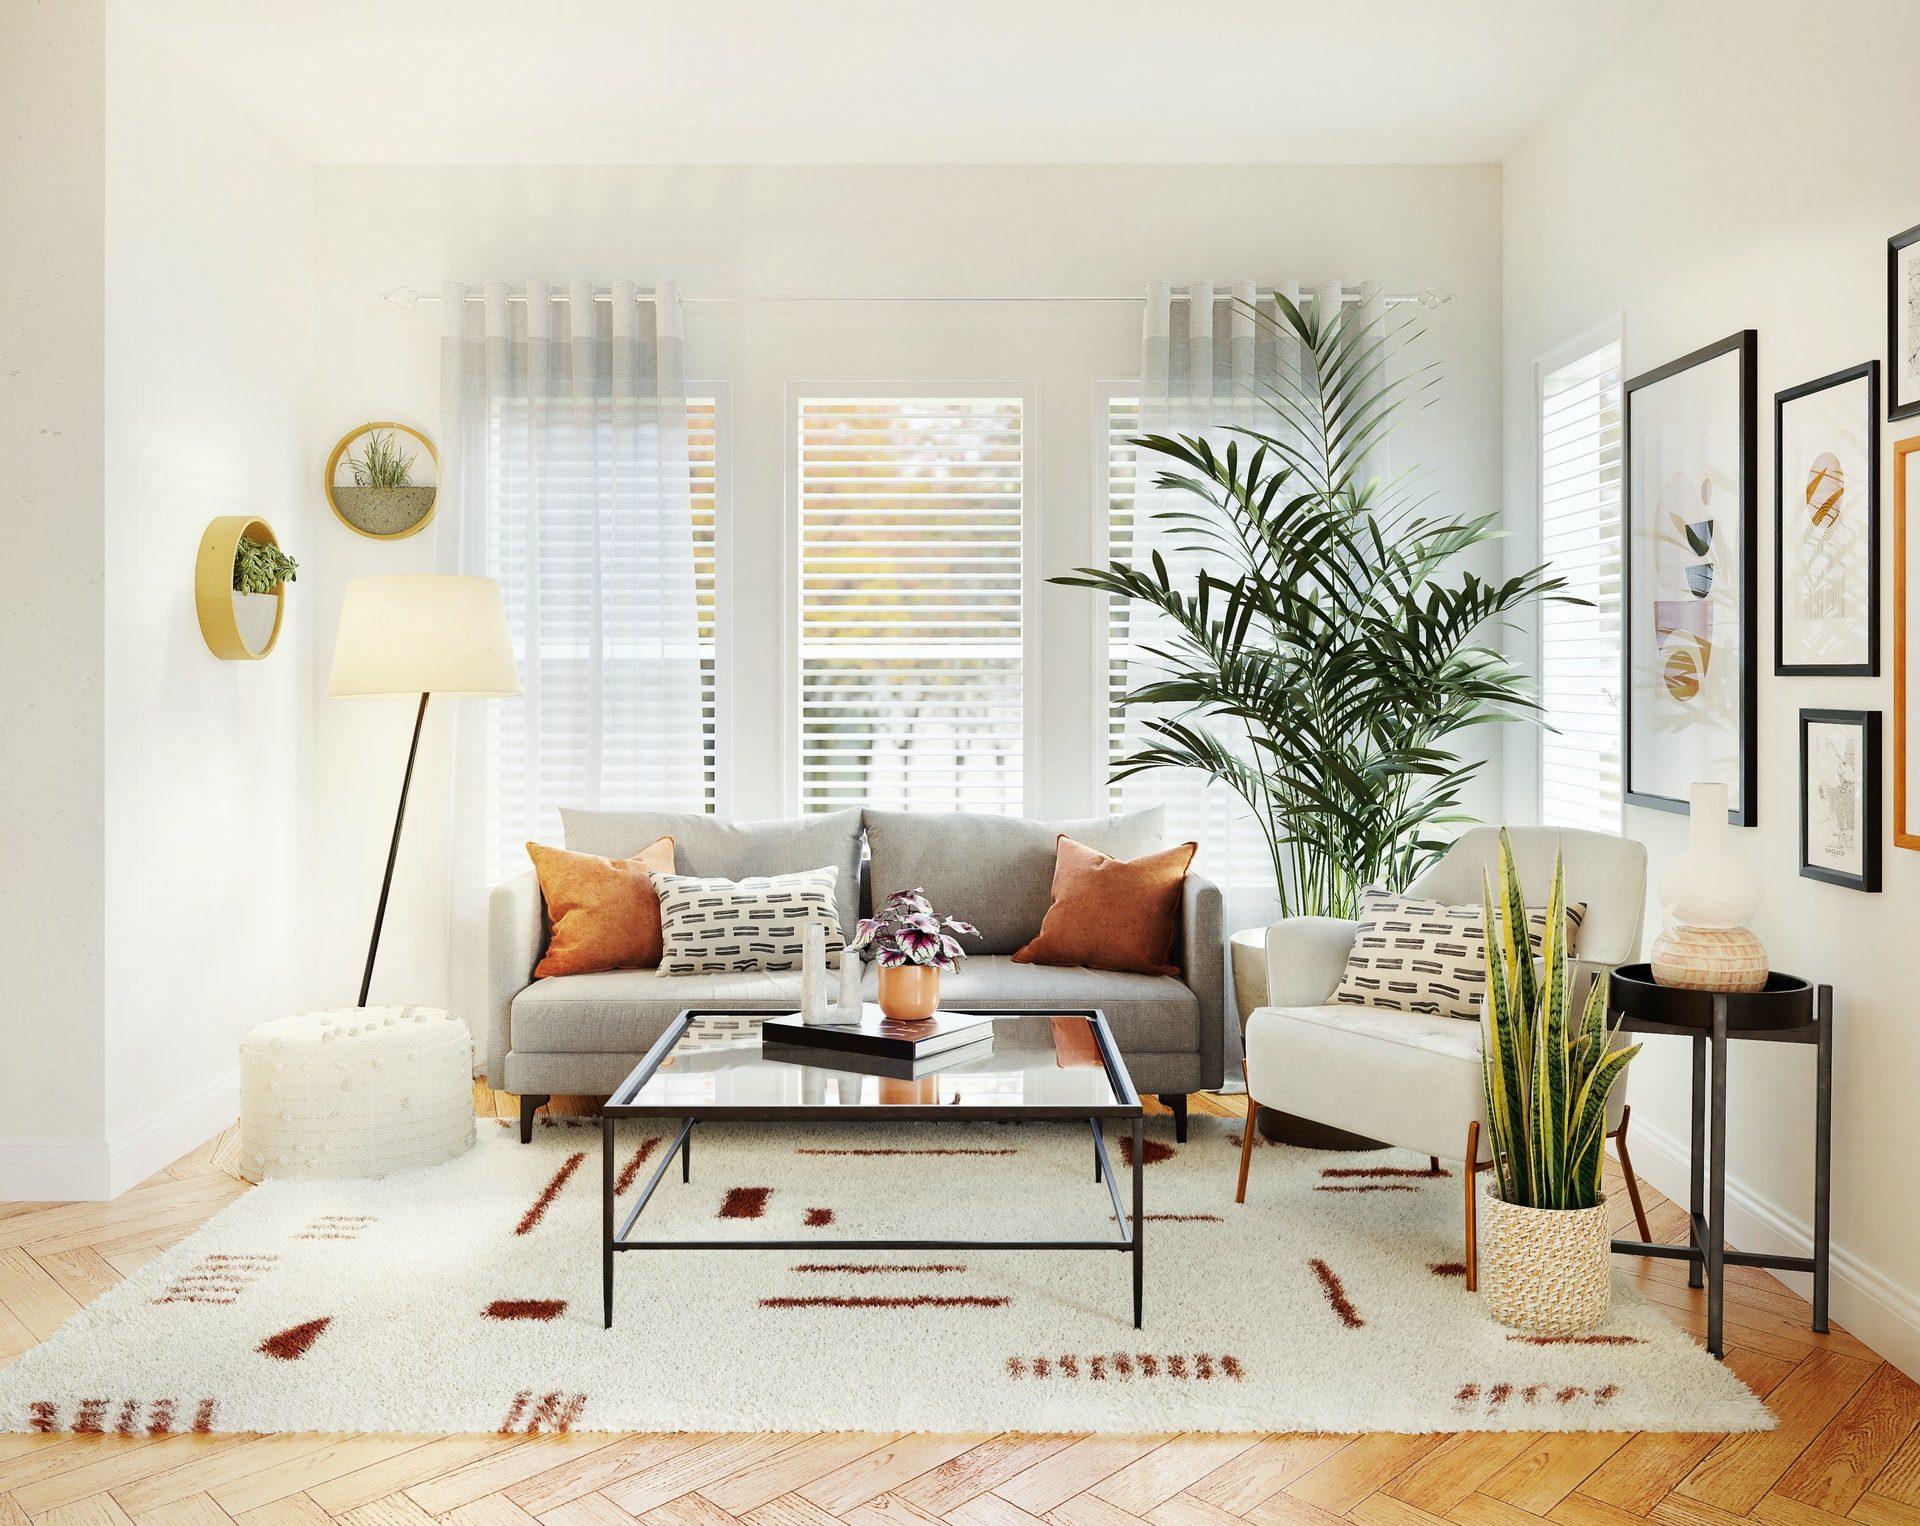 Sala branca com decoracção simples